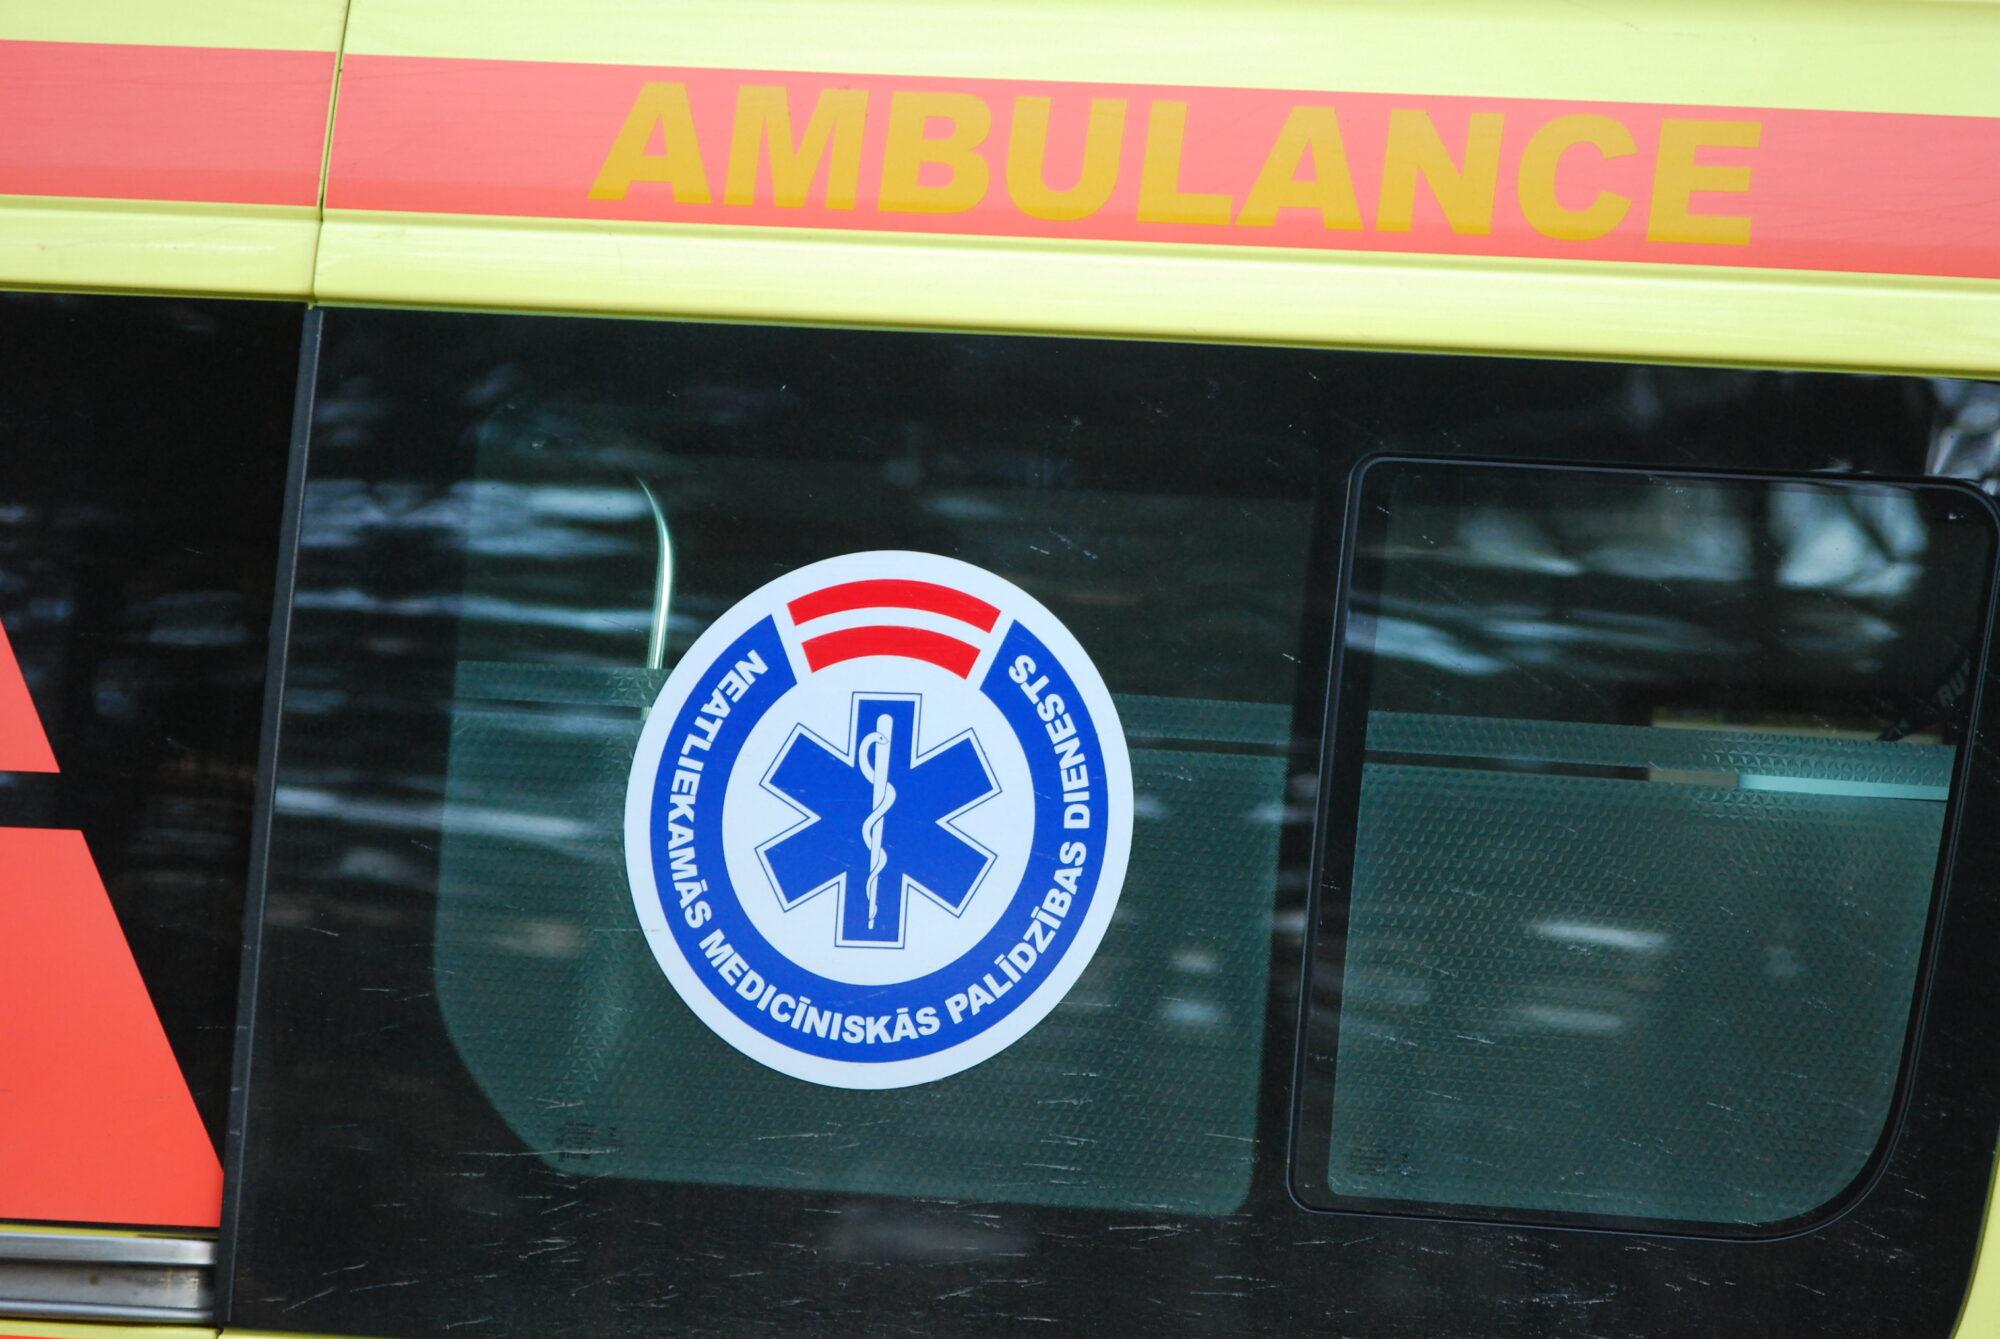 Avārijā uz autoceļa Ventspils – Grobiņa dzīvību zaudēja vīrietis